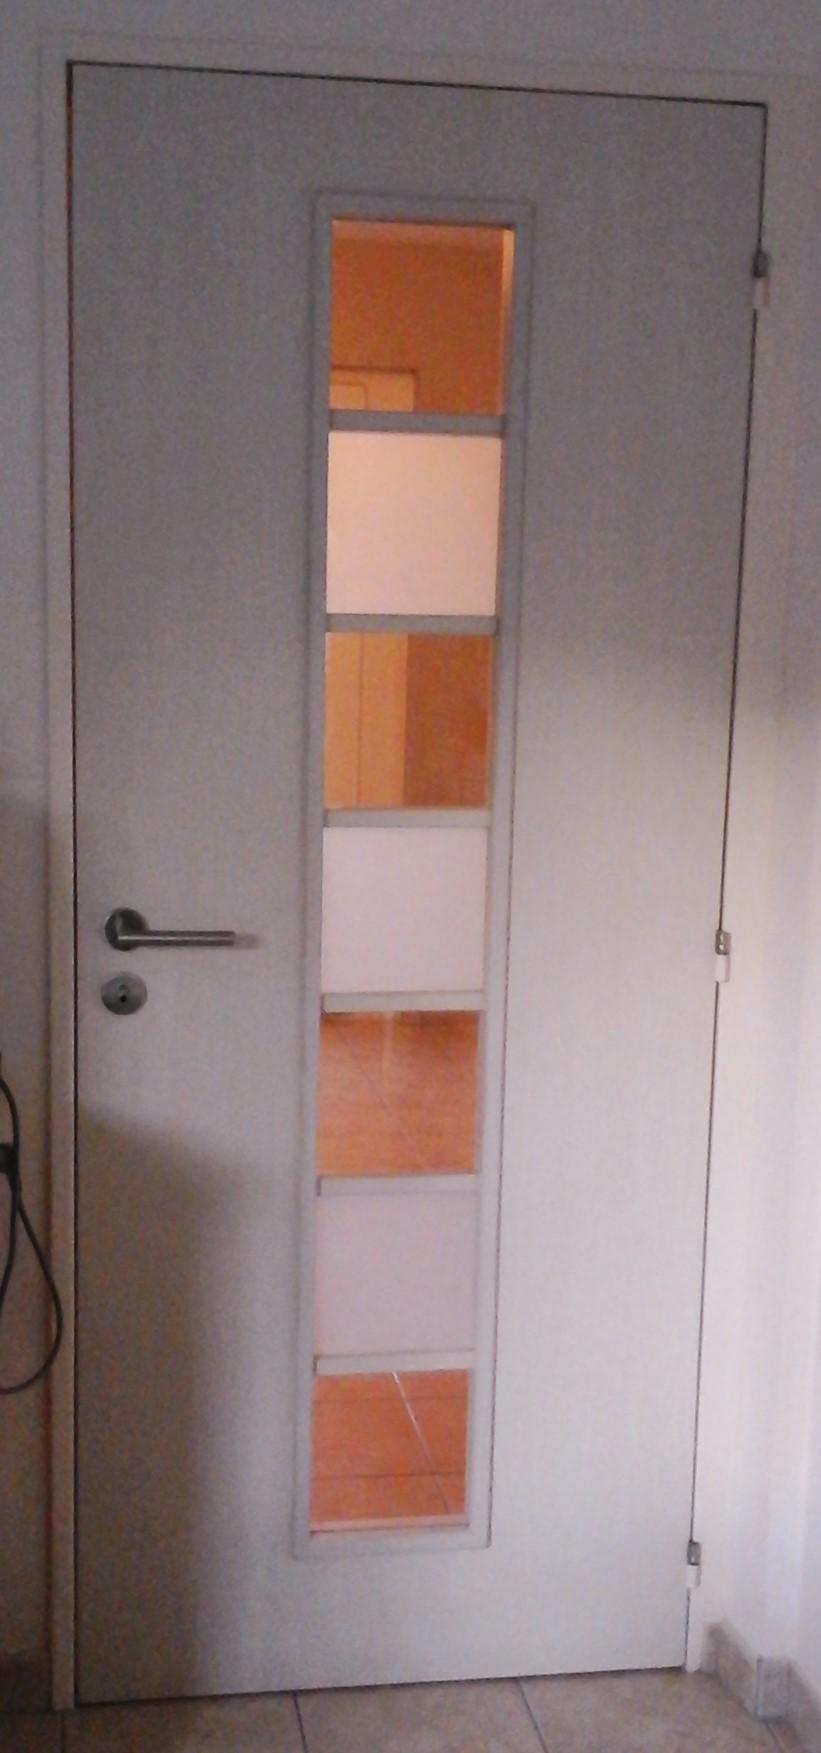 Menuiserie d int rieur menuiserie escaliers straub for Menuiserie interieur